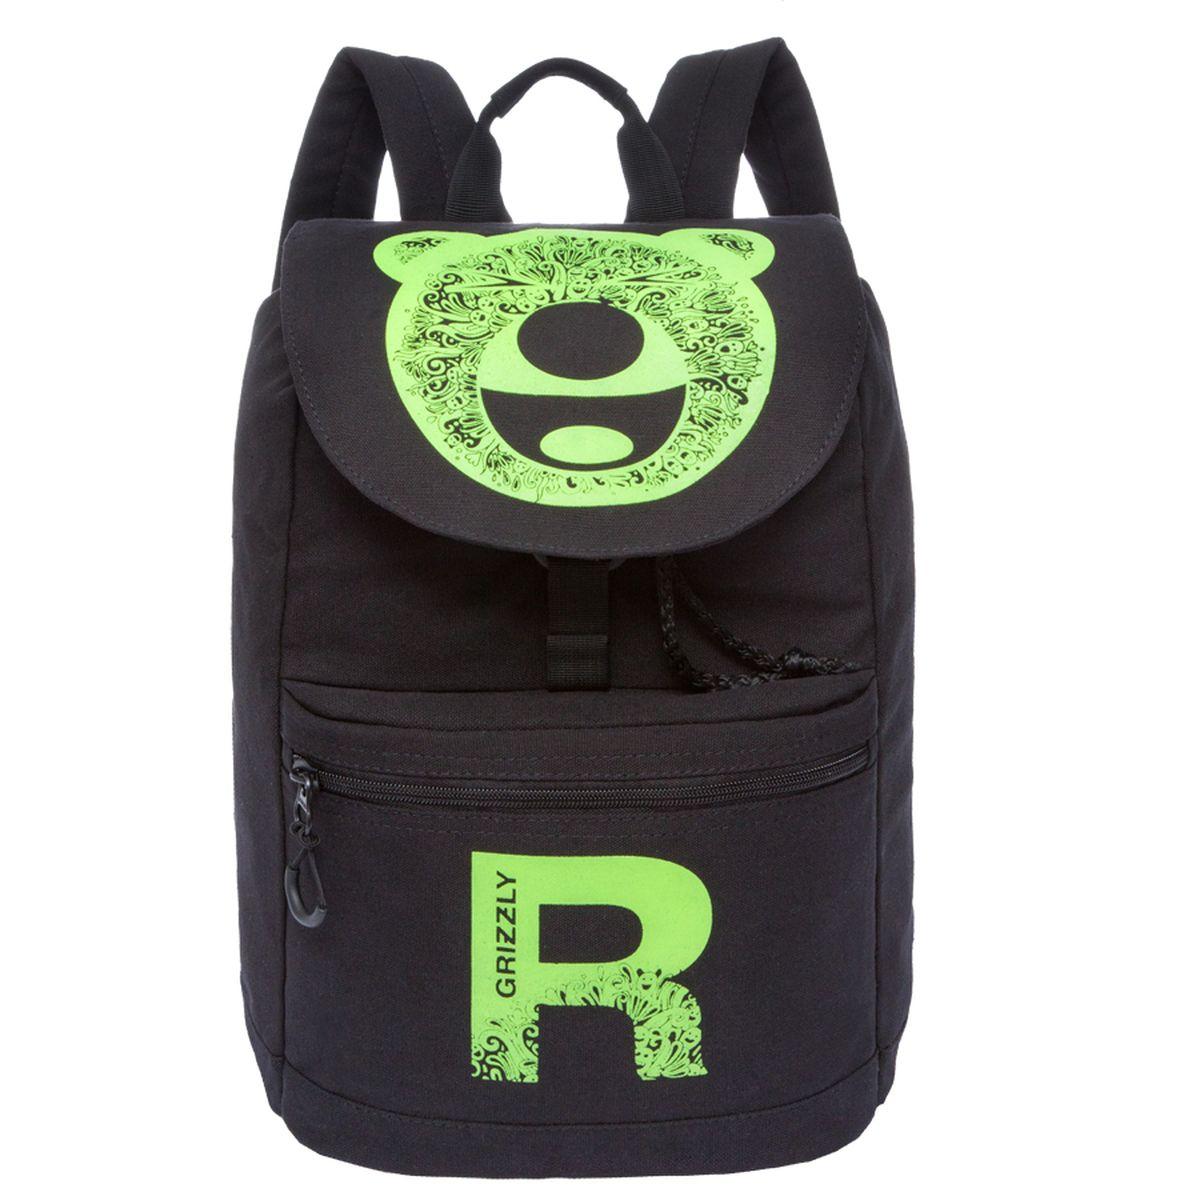 Рюкзак молодежный Grizzly, цвет: черный-желтый. 18 л. RD-744-1/2RD-744-1/2Рюкзак молодежный, одно отделение, клапан на пряжке-крючкеобъемный карман на молнии на передней стенке, карман для гаджета,внутренний карман на молнии, укрепленная спинка, дополнительная ручка-петля, укрепленные лямки, закрывается затягивающимся шнуром